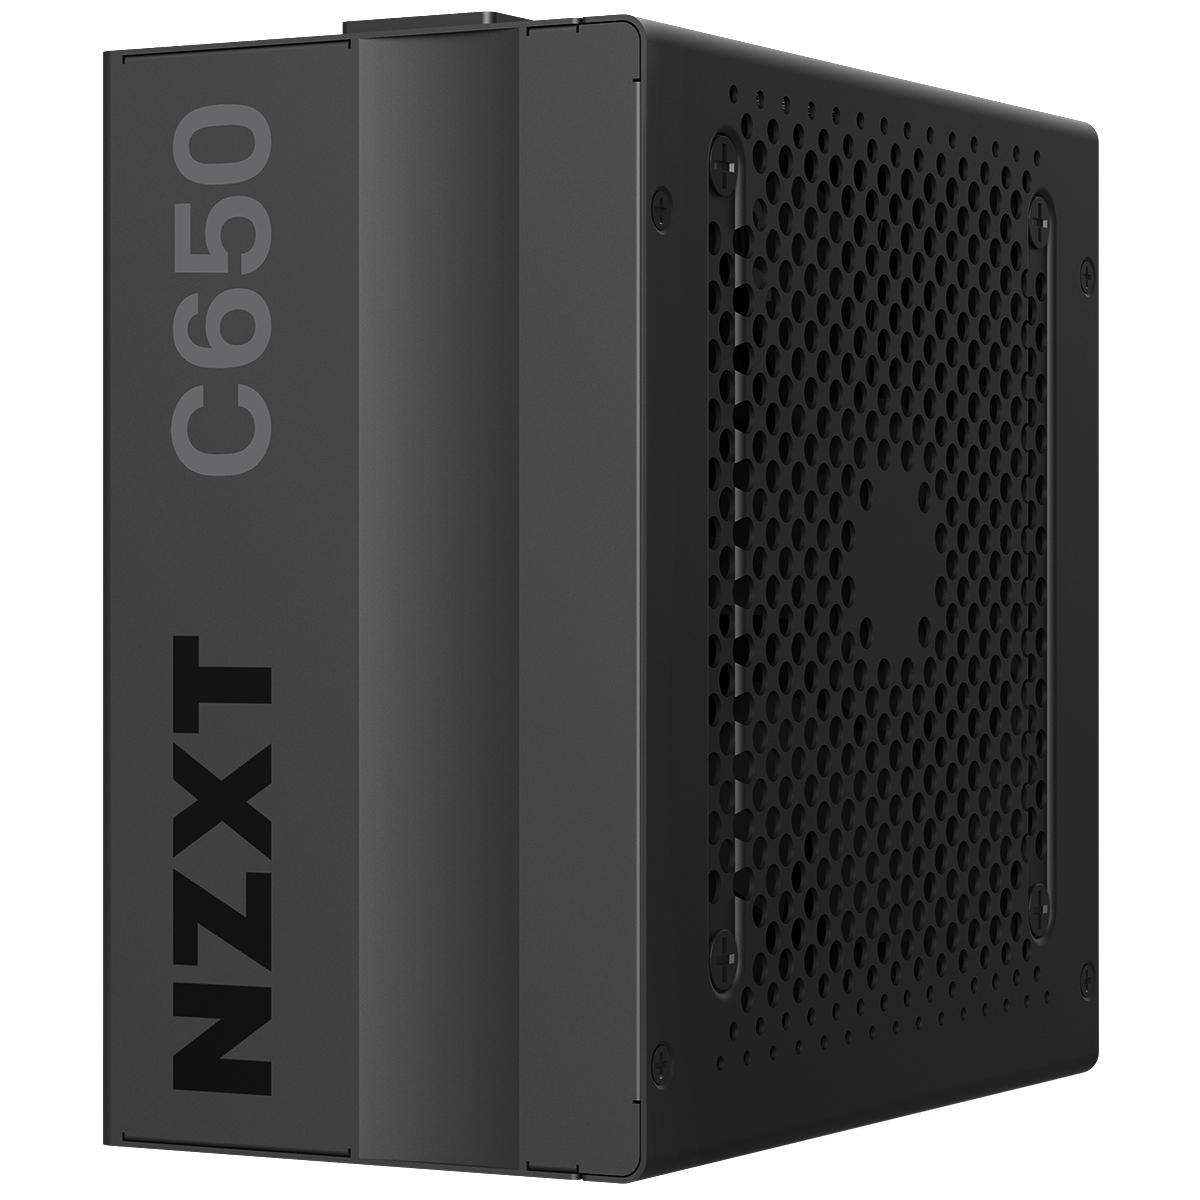 NZXT C650 80Plus Gold Full Modular